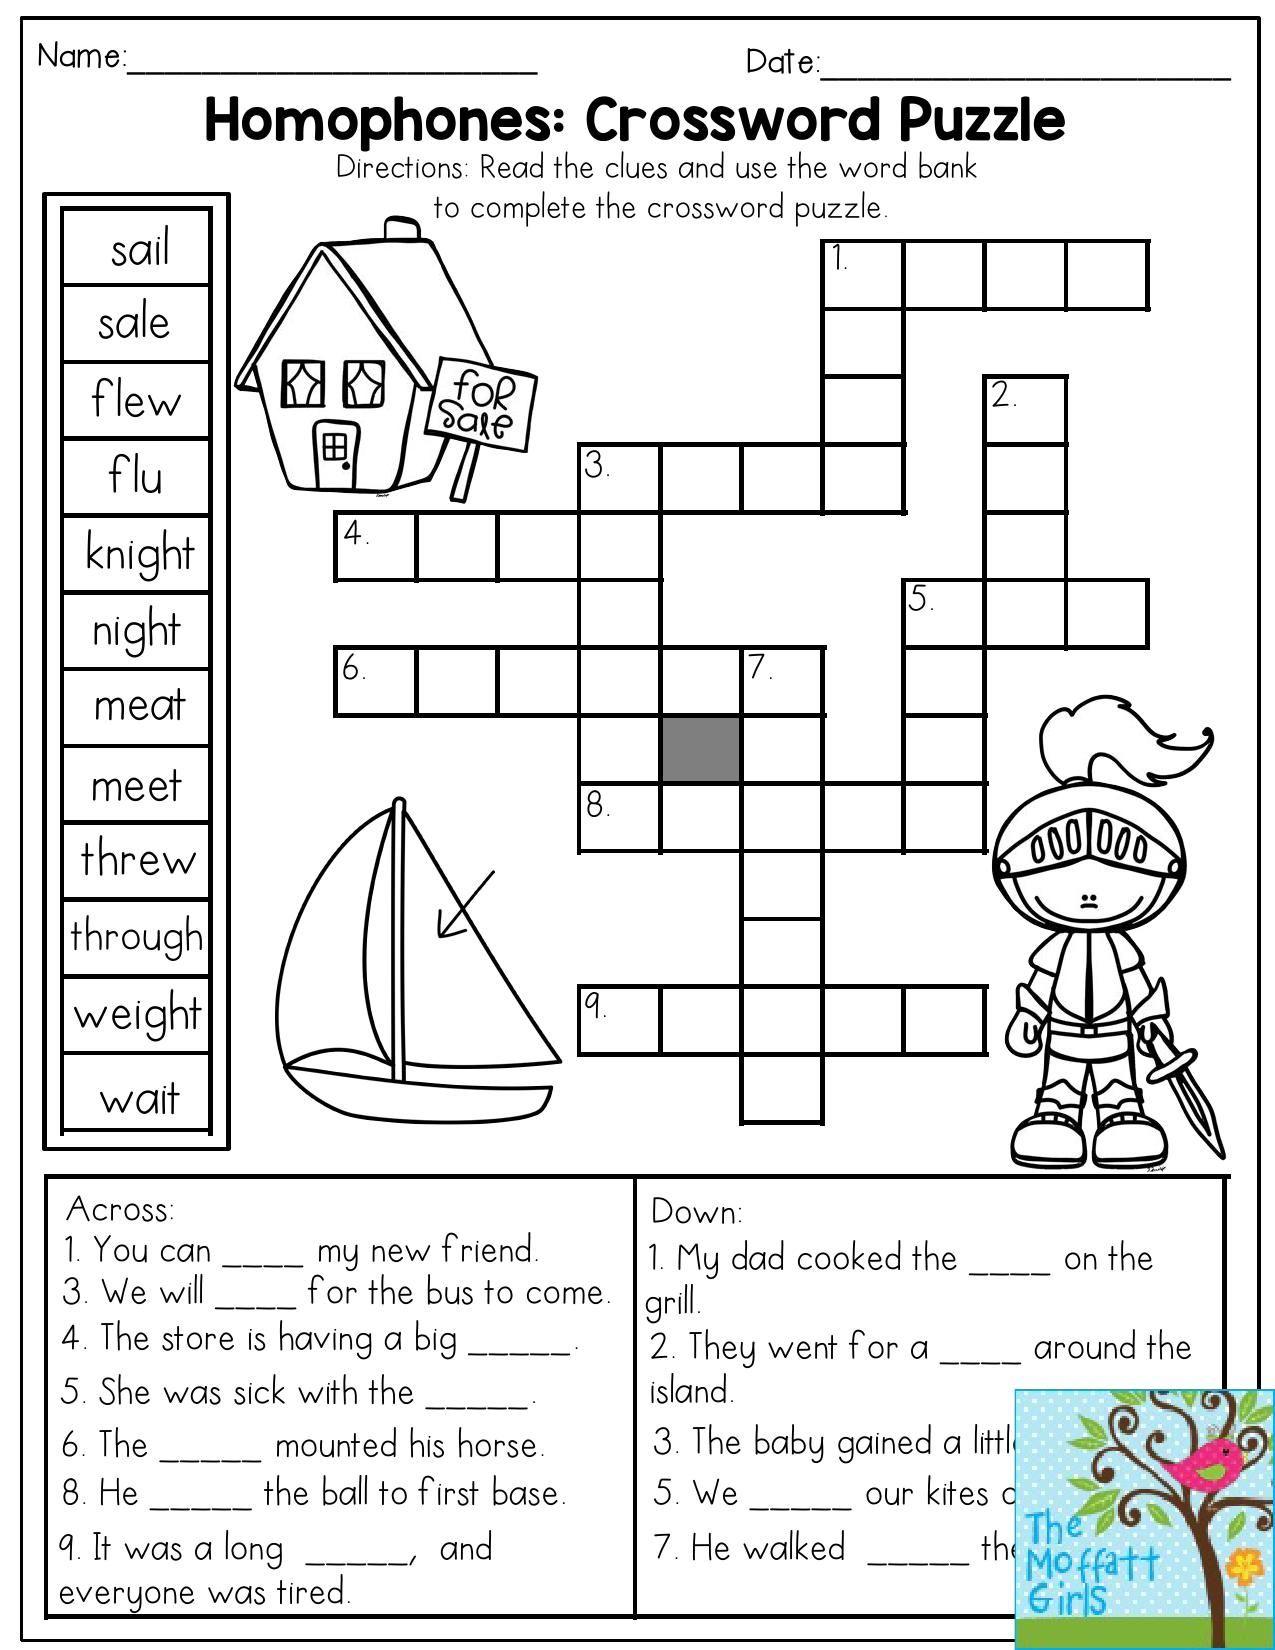 018 Name In Essays Crossword Clue Essay Excellent Full